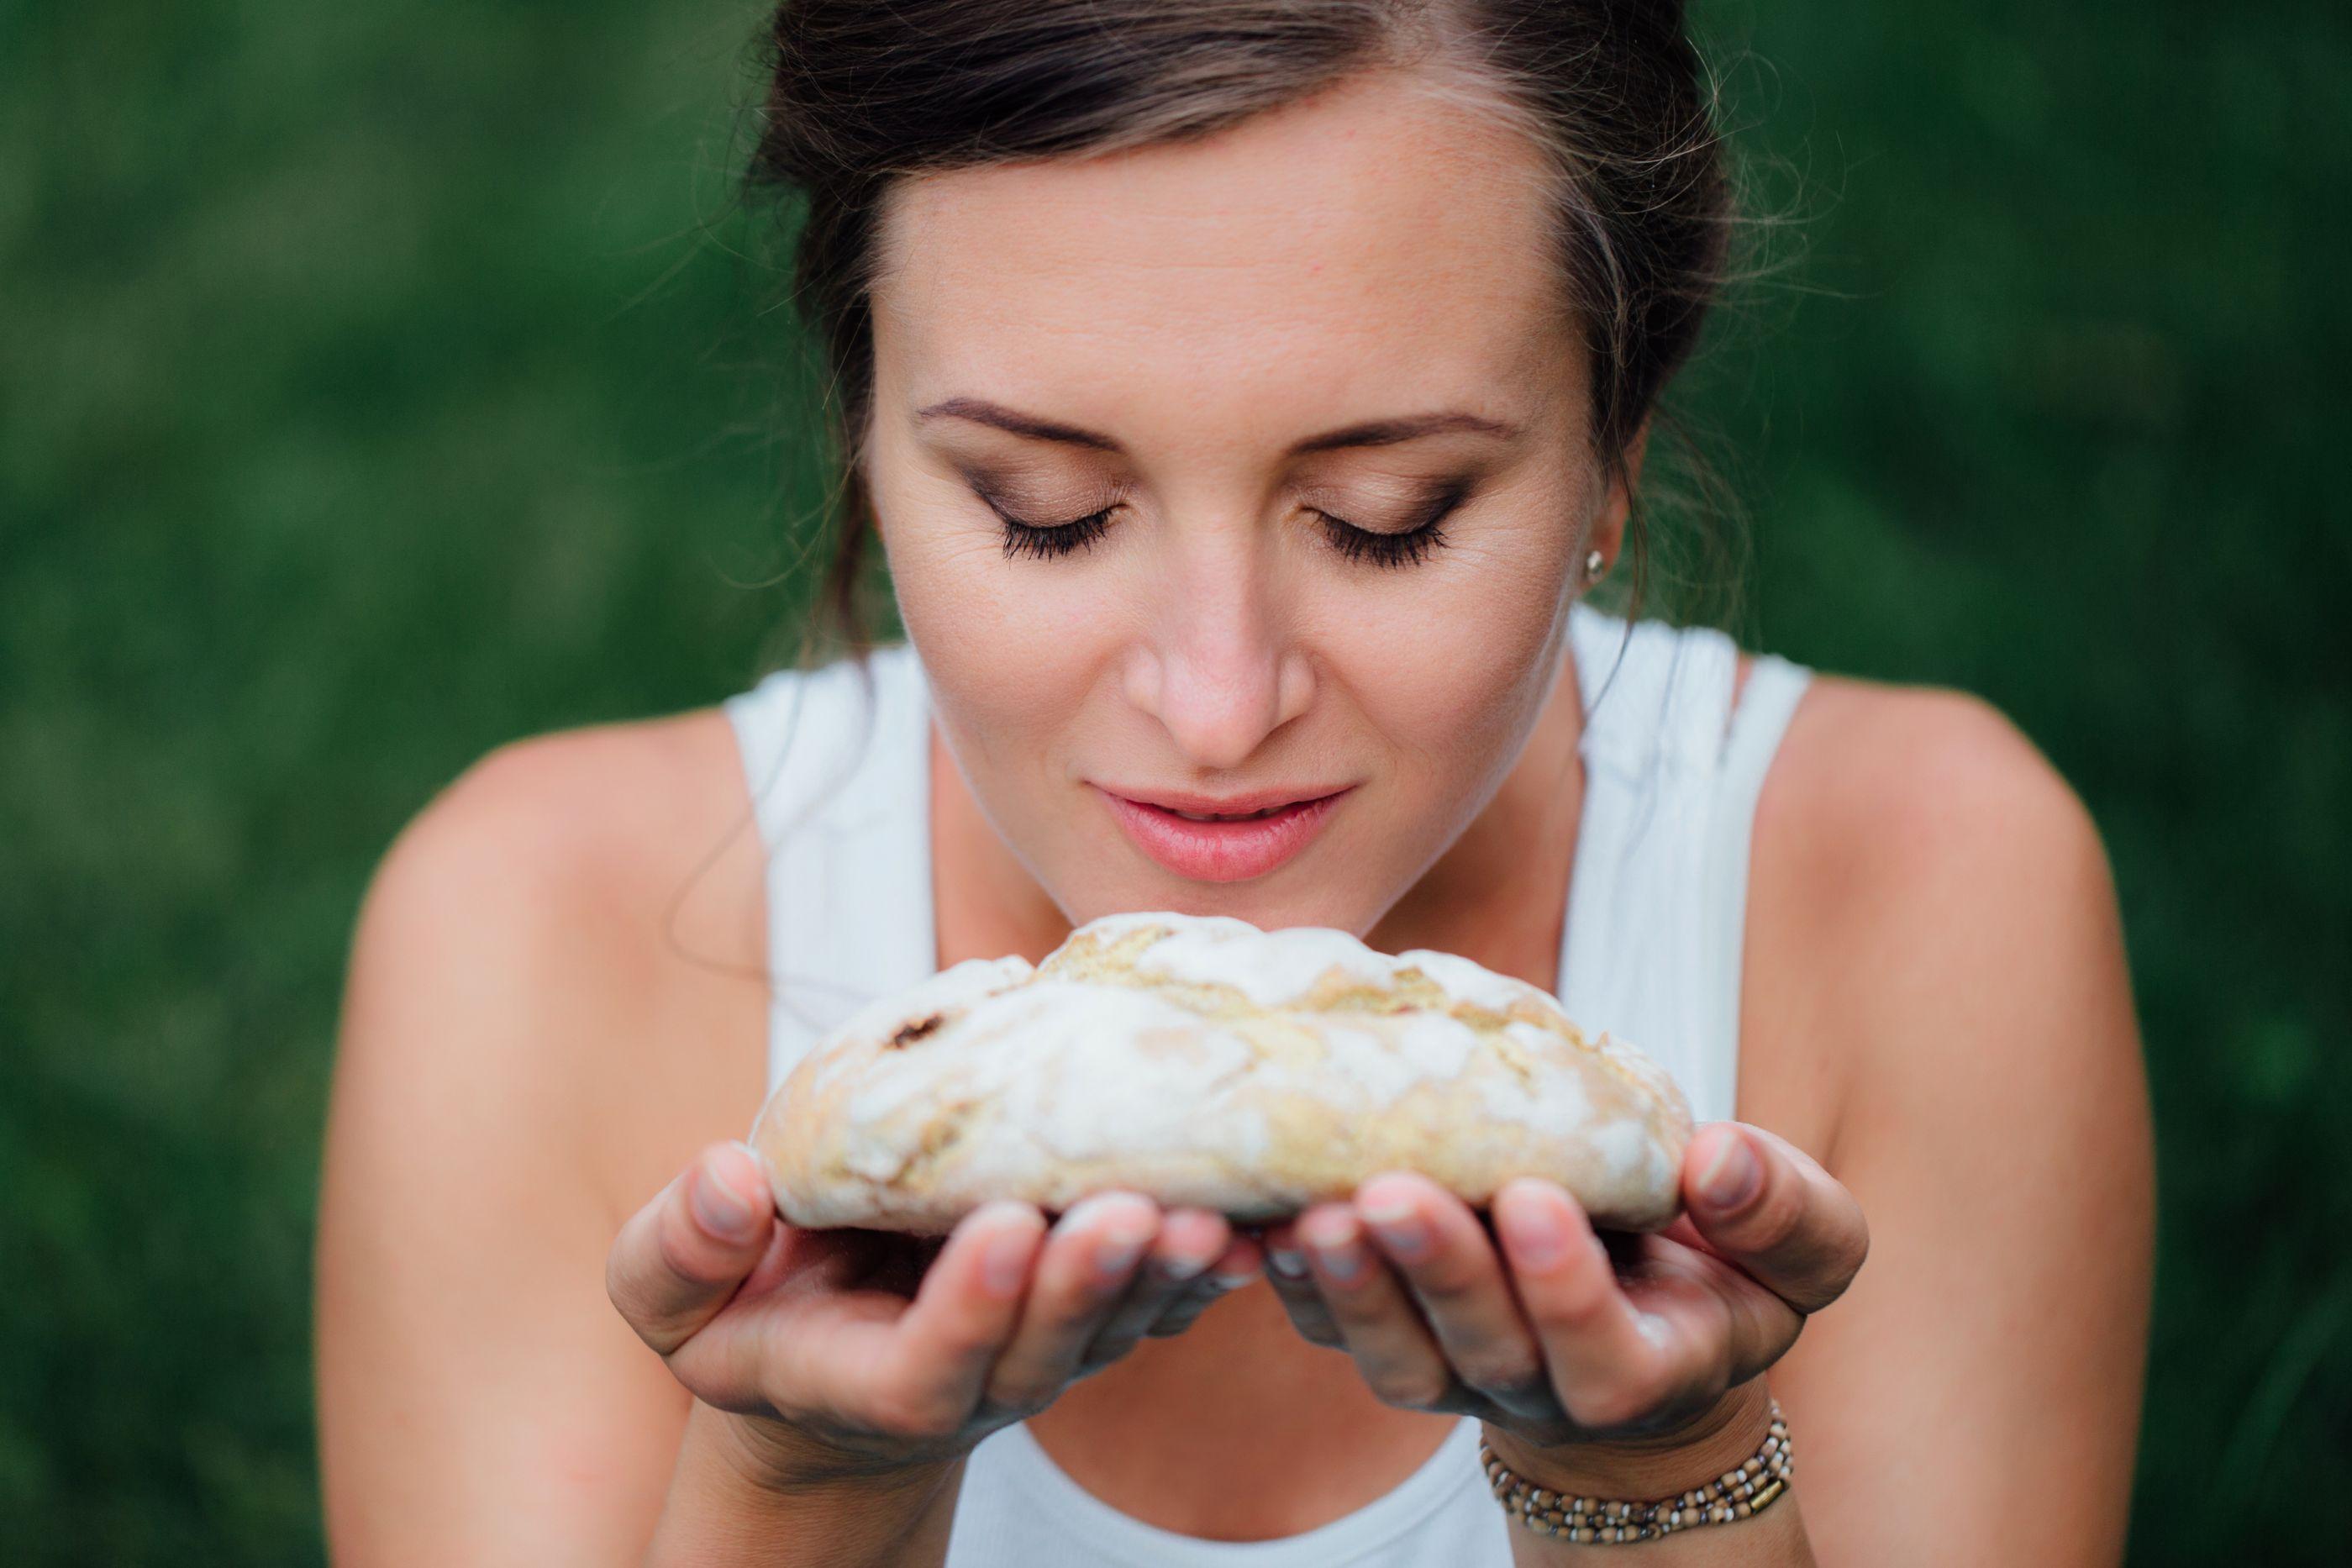 Ciência revela técnica para comer menos